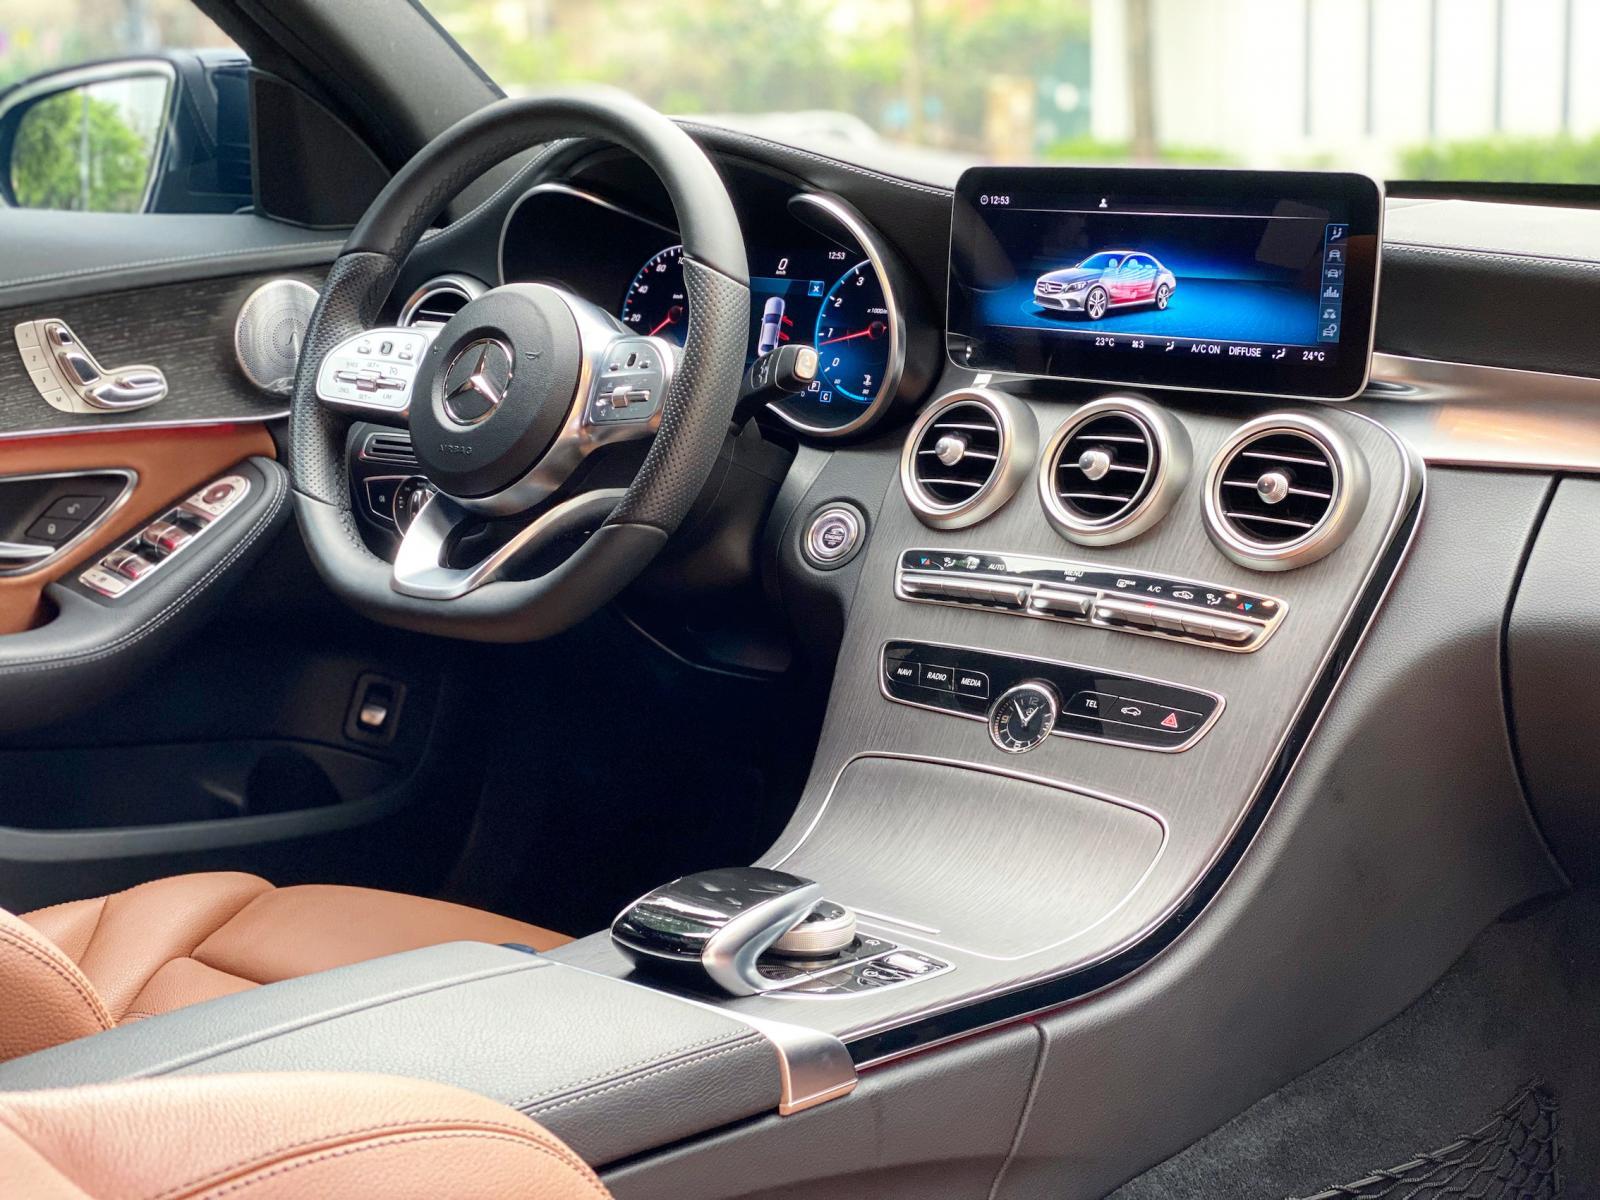 Bán Mercedes C300 AMG 2020 Chính chủ chạy lướt biển đẹp giá tốt